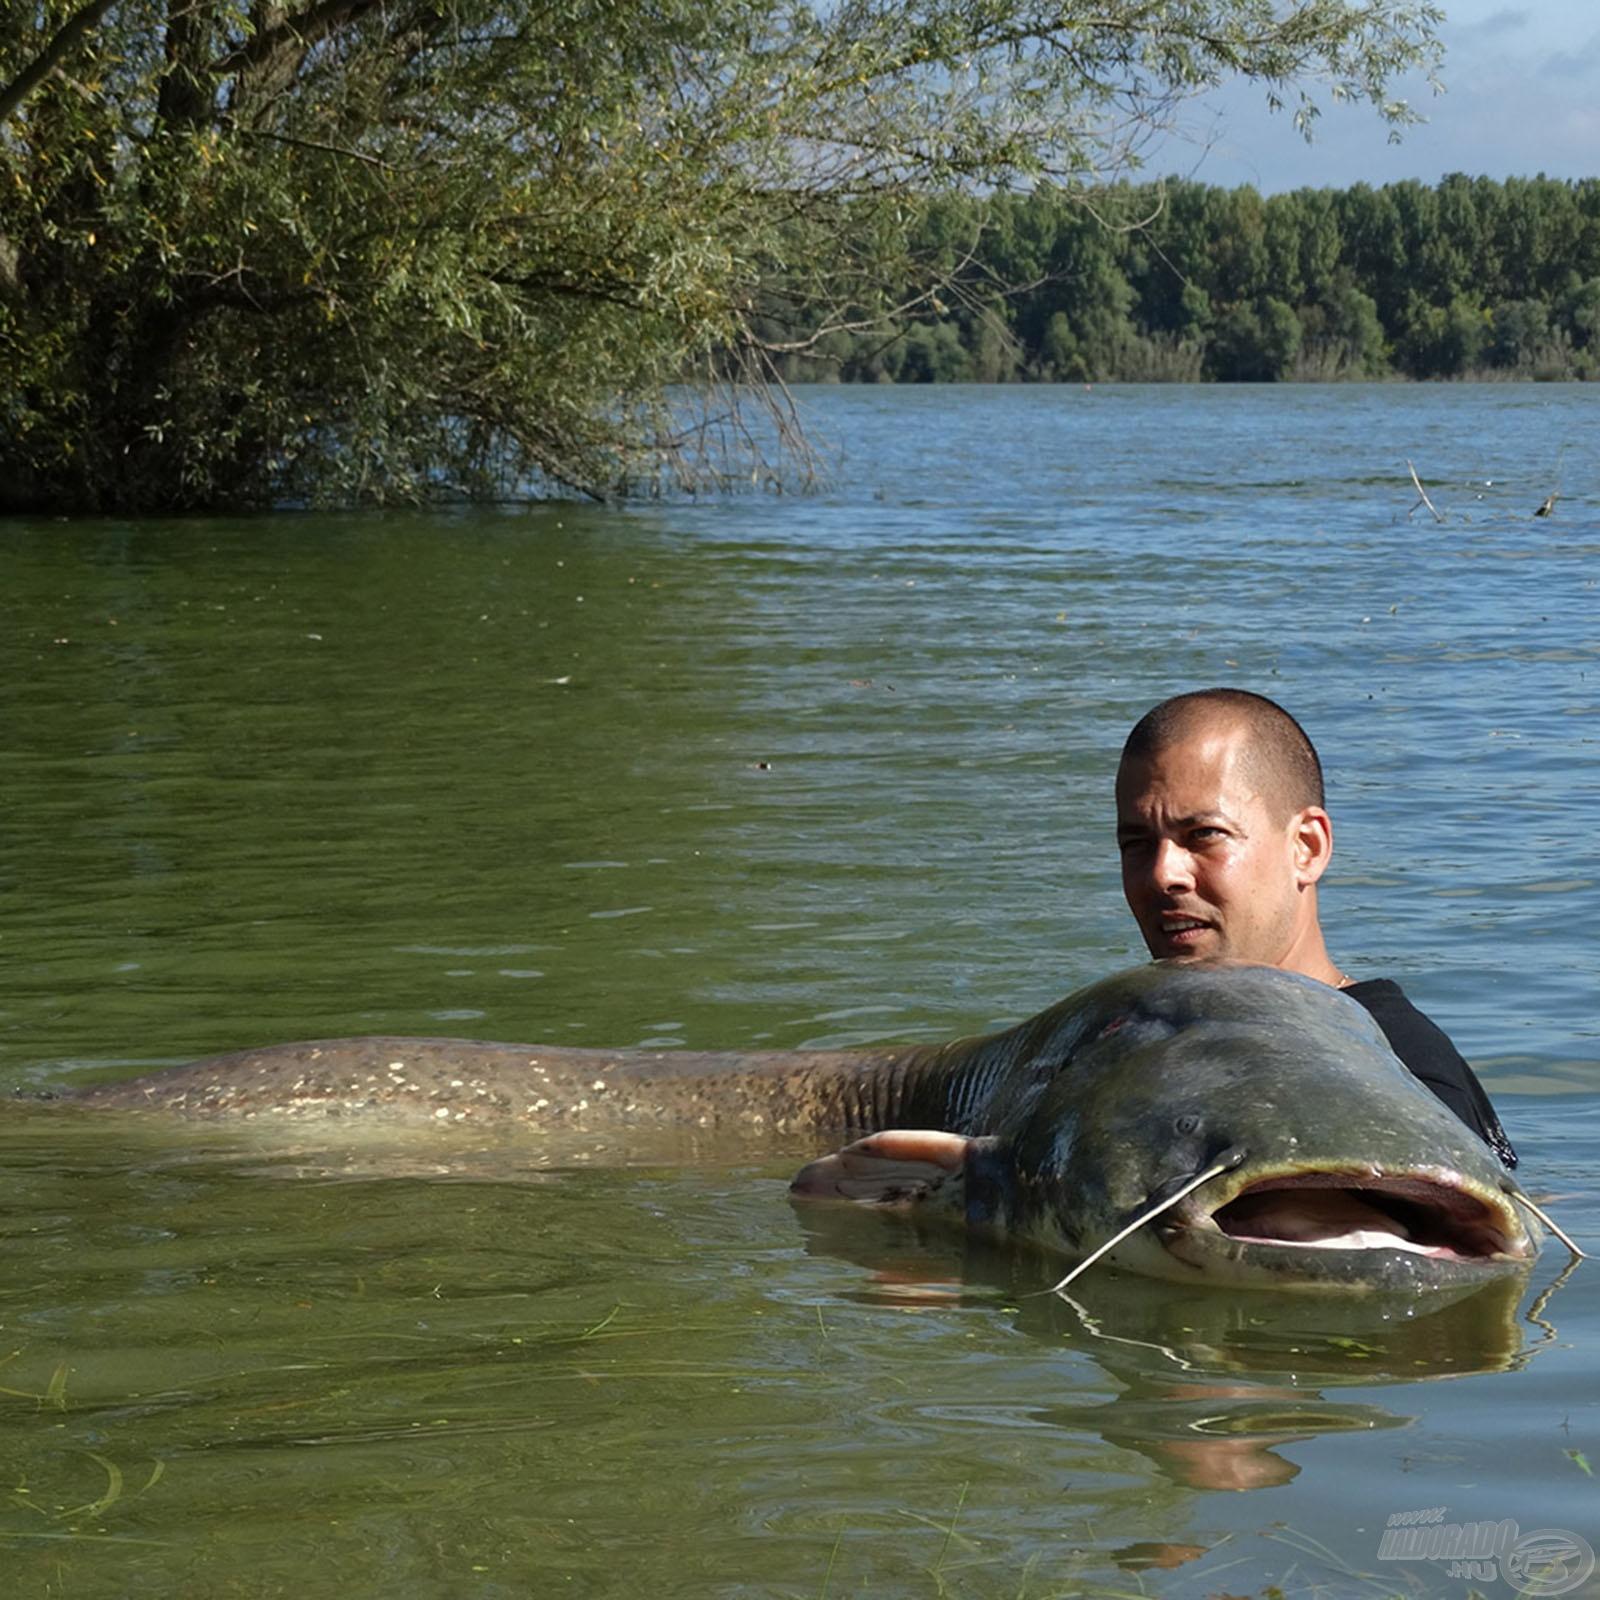 Harcsa horgászat